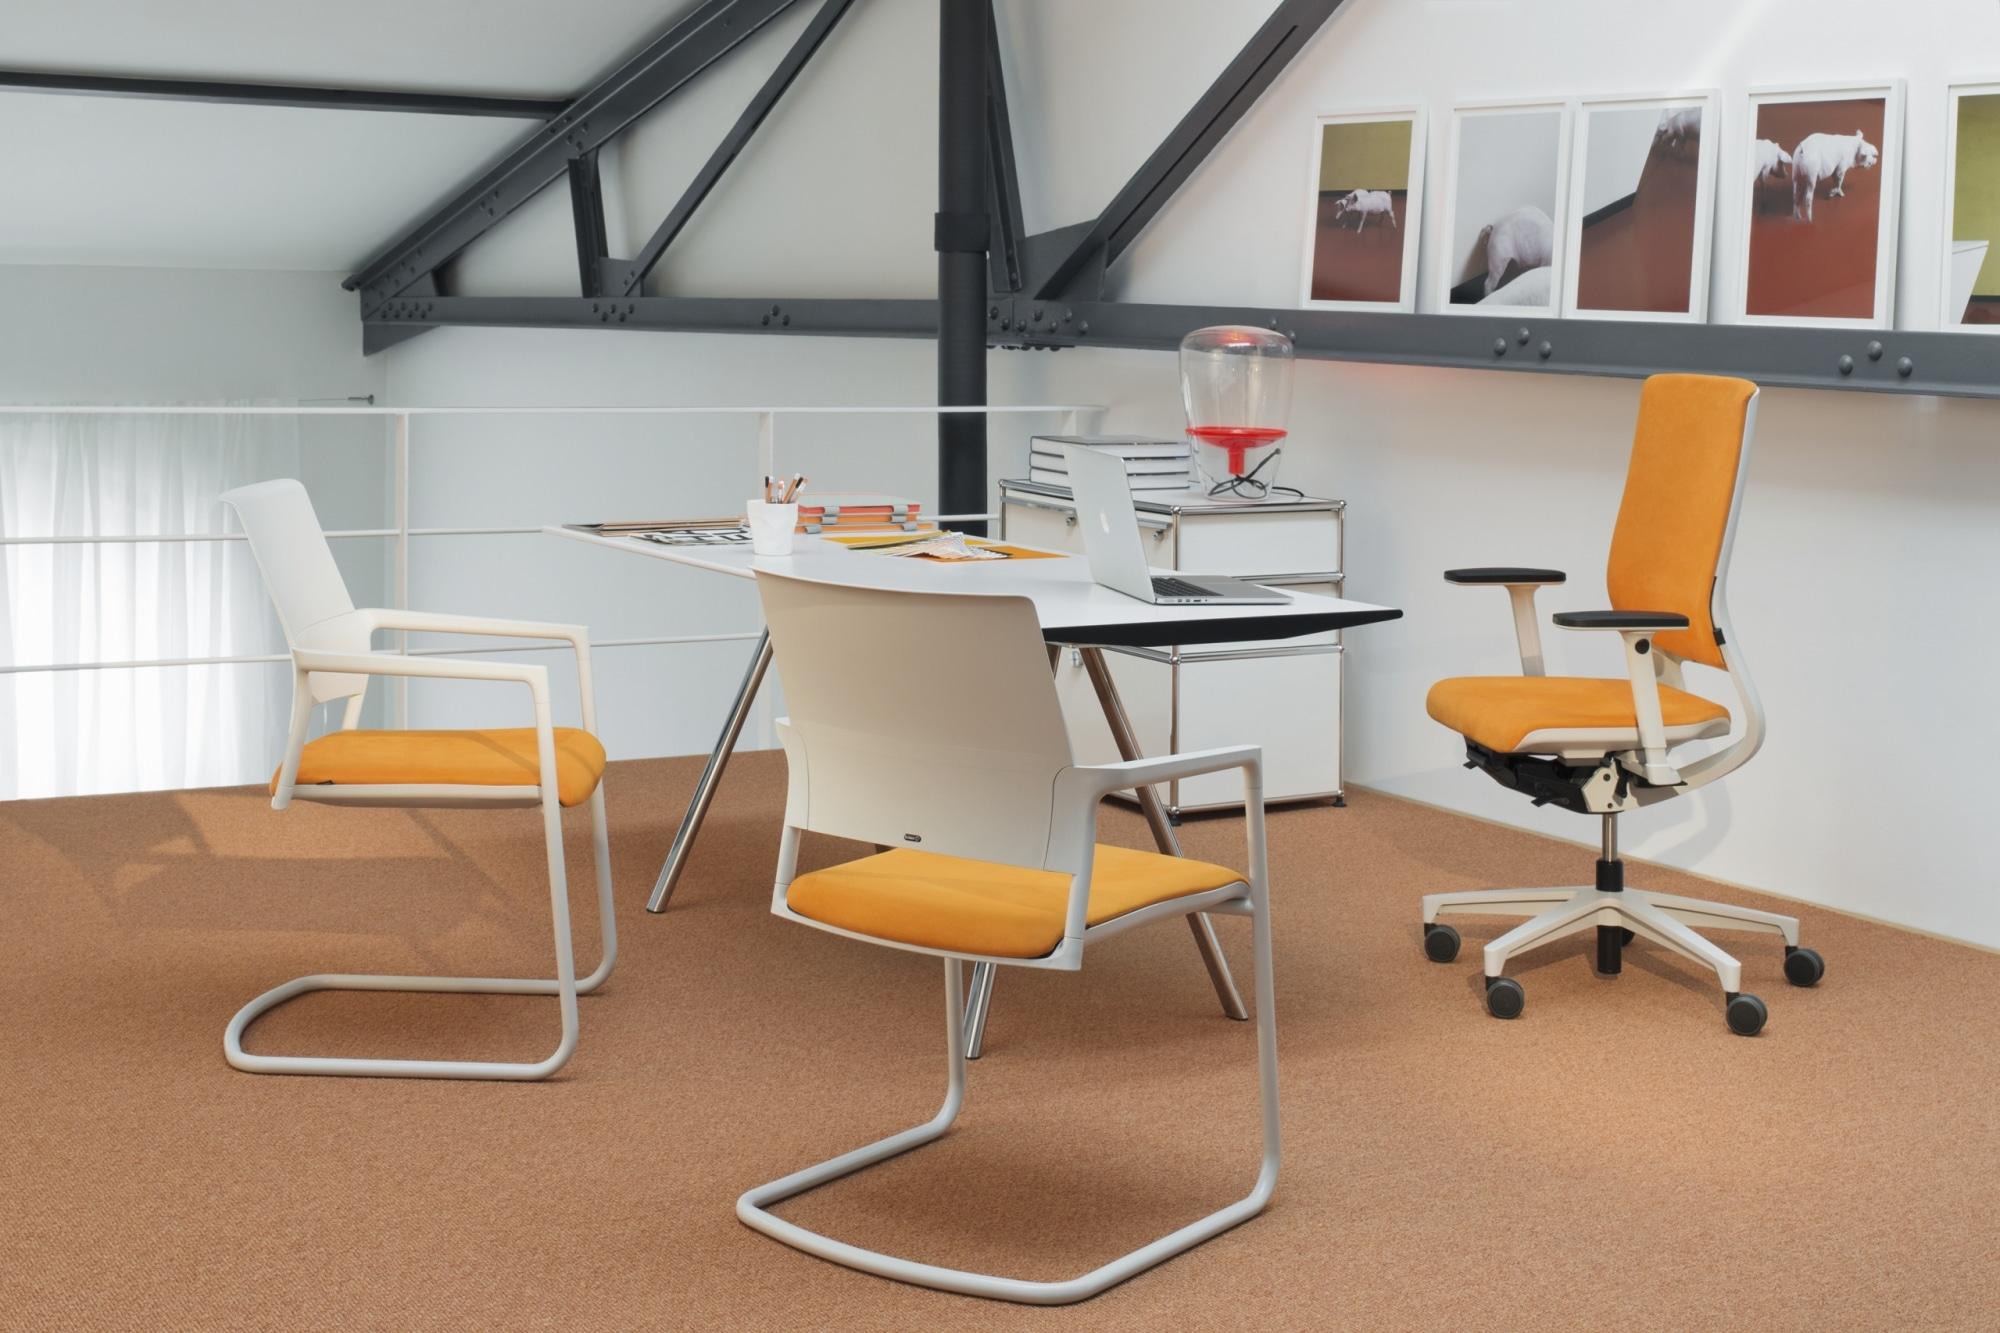 Drehstuhl, ergonomisch, sitzen, Design, einstellbar, Synchronmechanik, Klöber, Besucherstühle, weiß